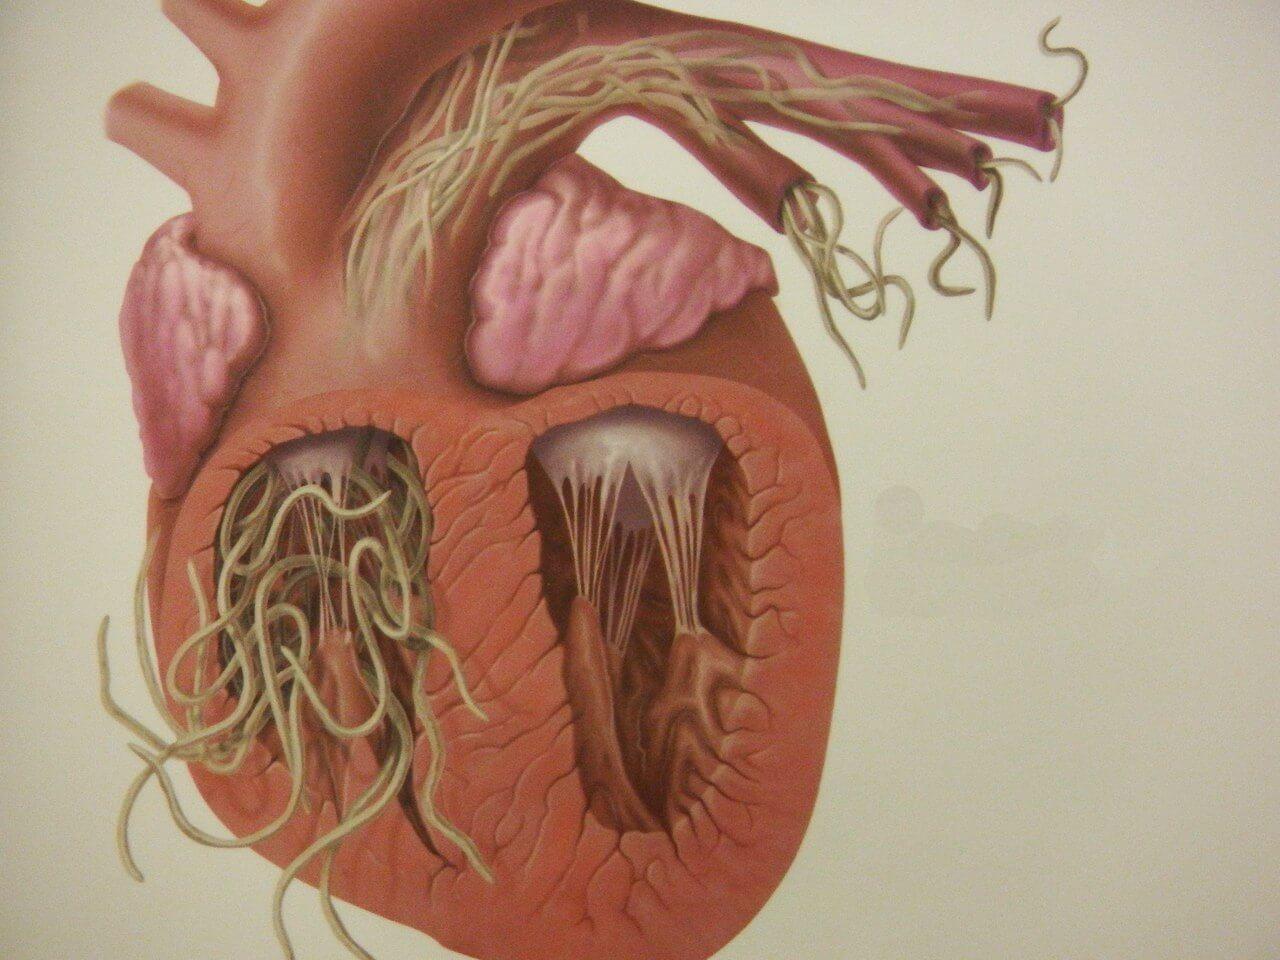 paraziti u telu